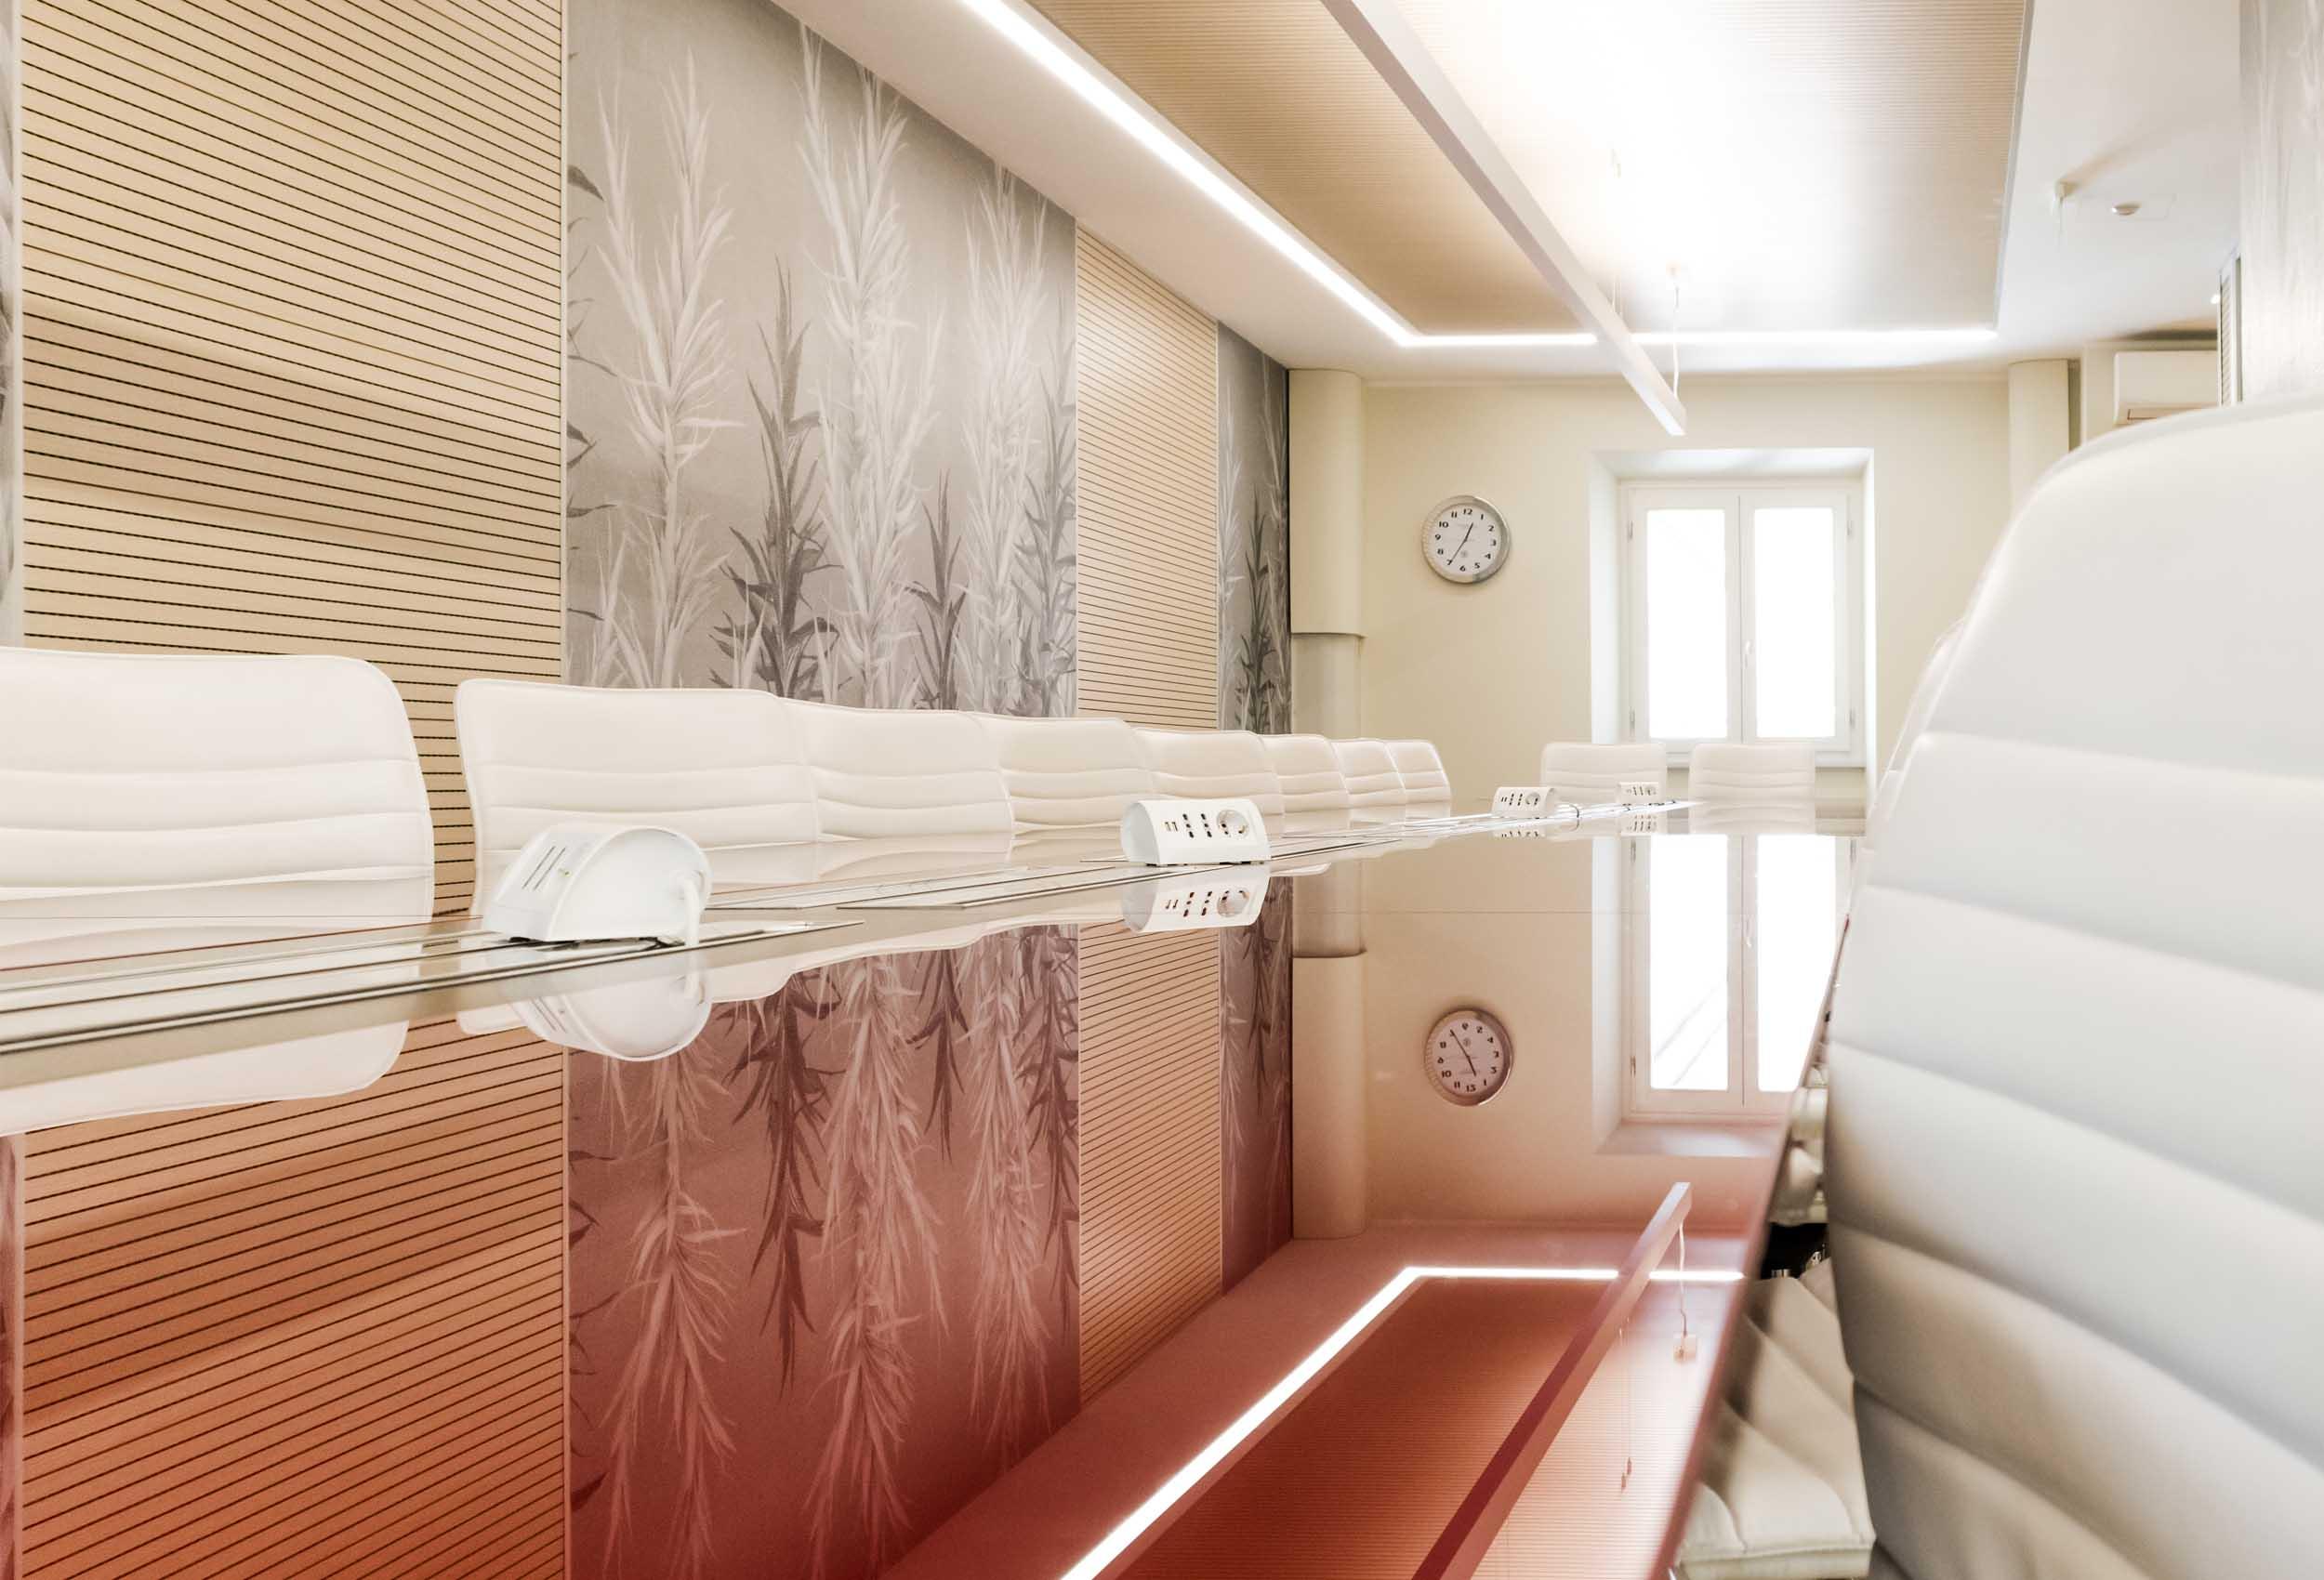 fad-studio-architettura-roma-forniti-texture9